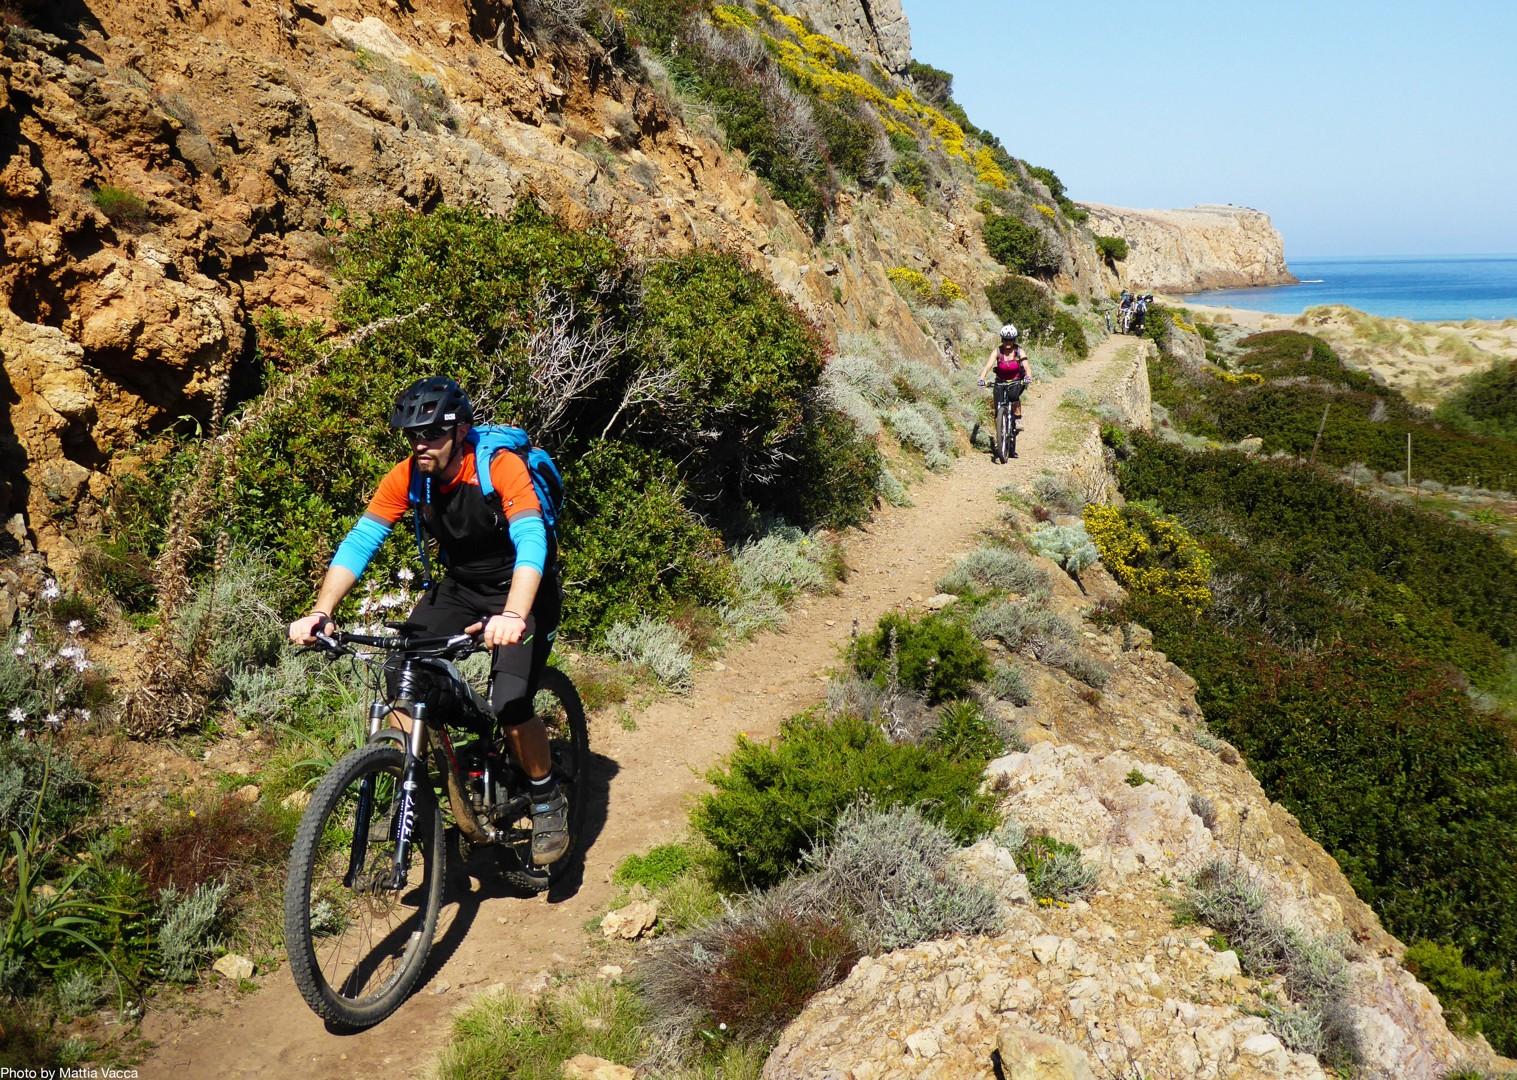 sardinian-enduro-sardinian-enduro-italy-guided-mountain-bike-holiday.jpg - Sardinia - Sardinian Enduro - Mountain Biking